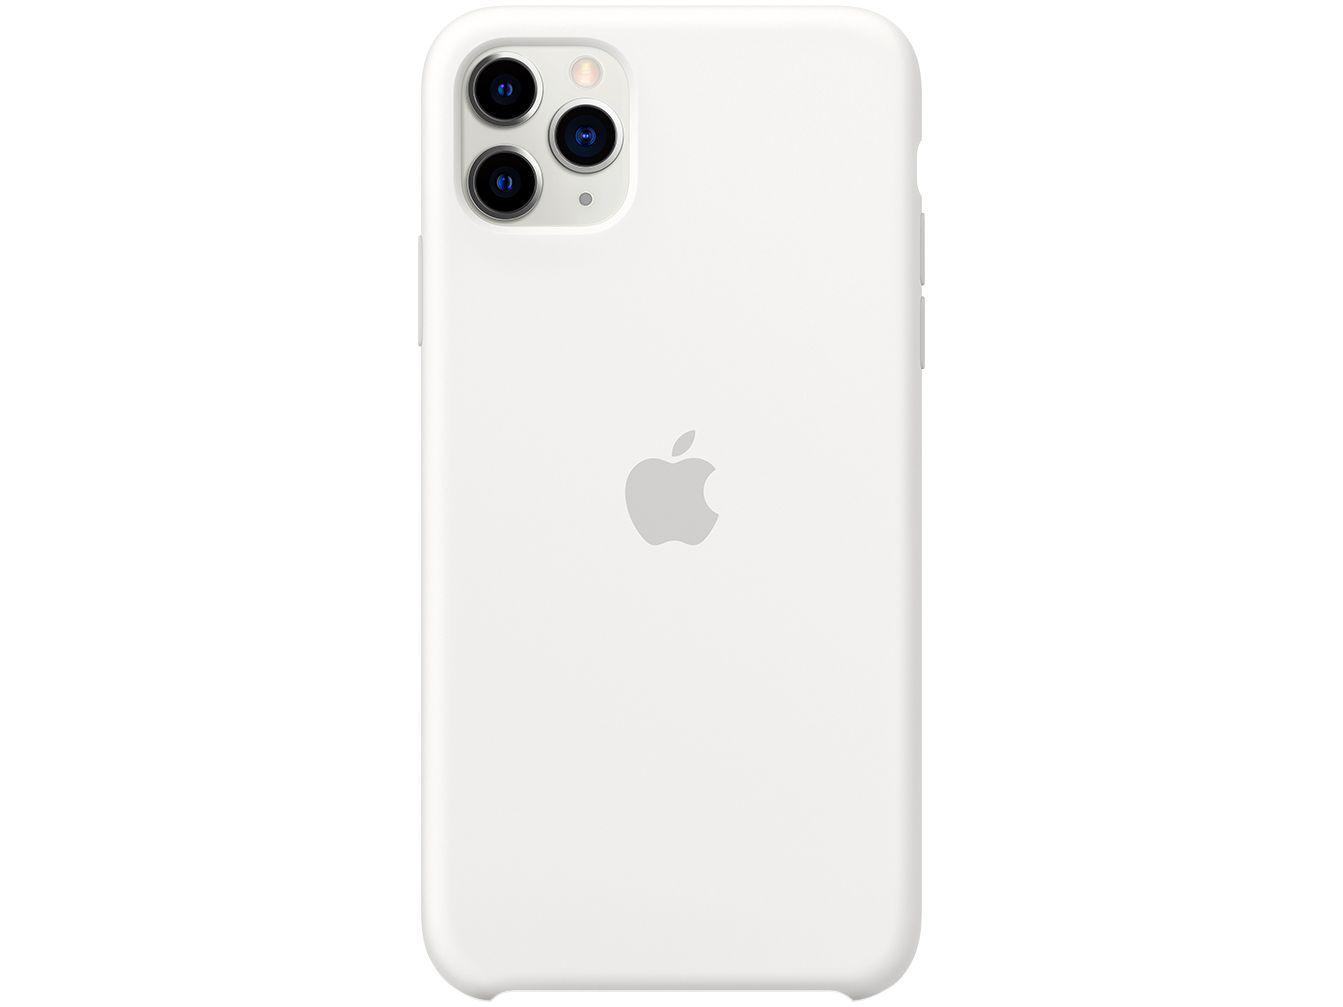 Capinha de Celular Silicone para iPhone 11 Pro Max - Apple Branco Original